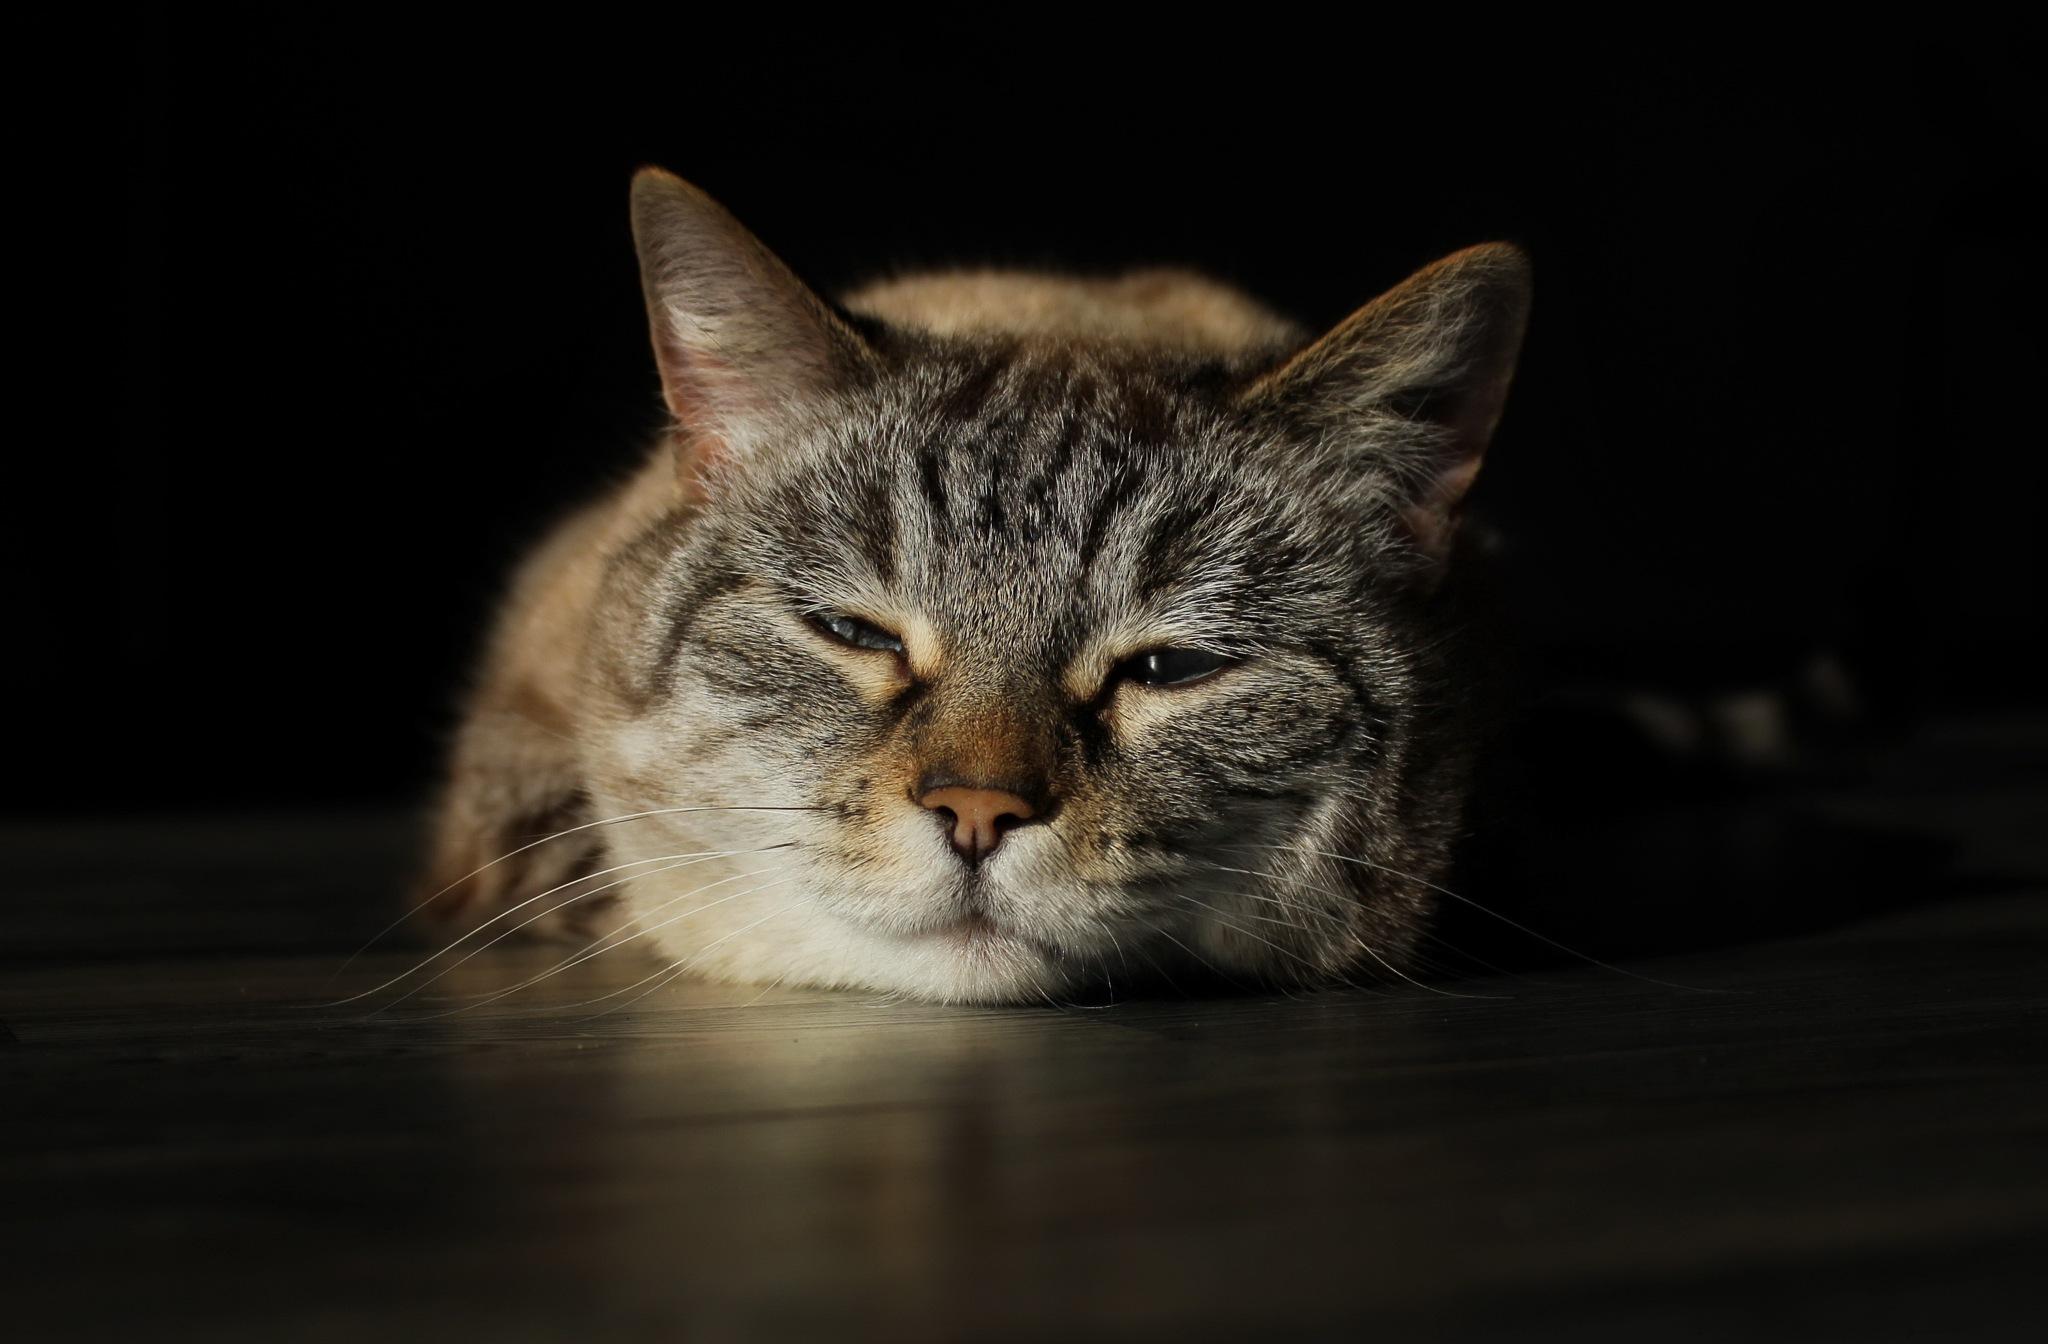 sleepy by Kristijan Siladic